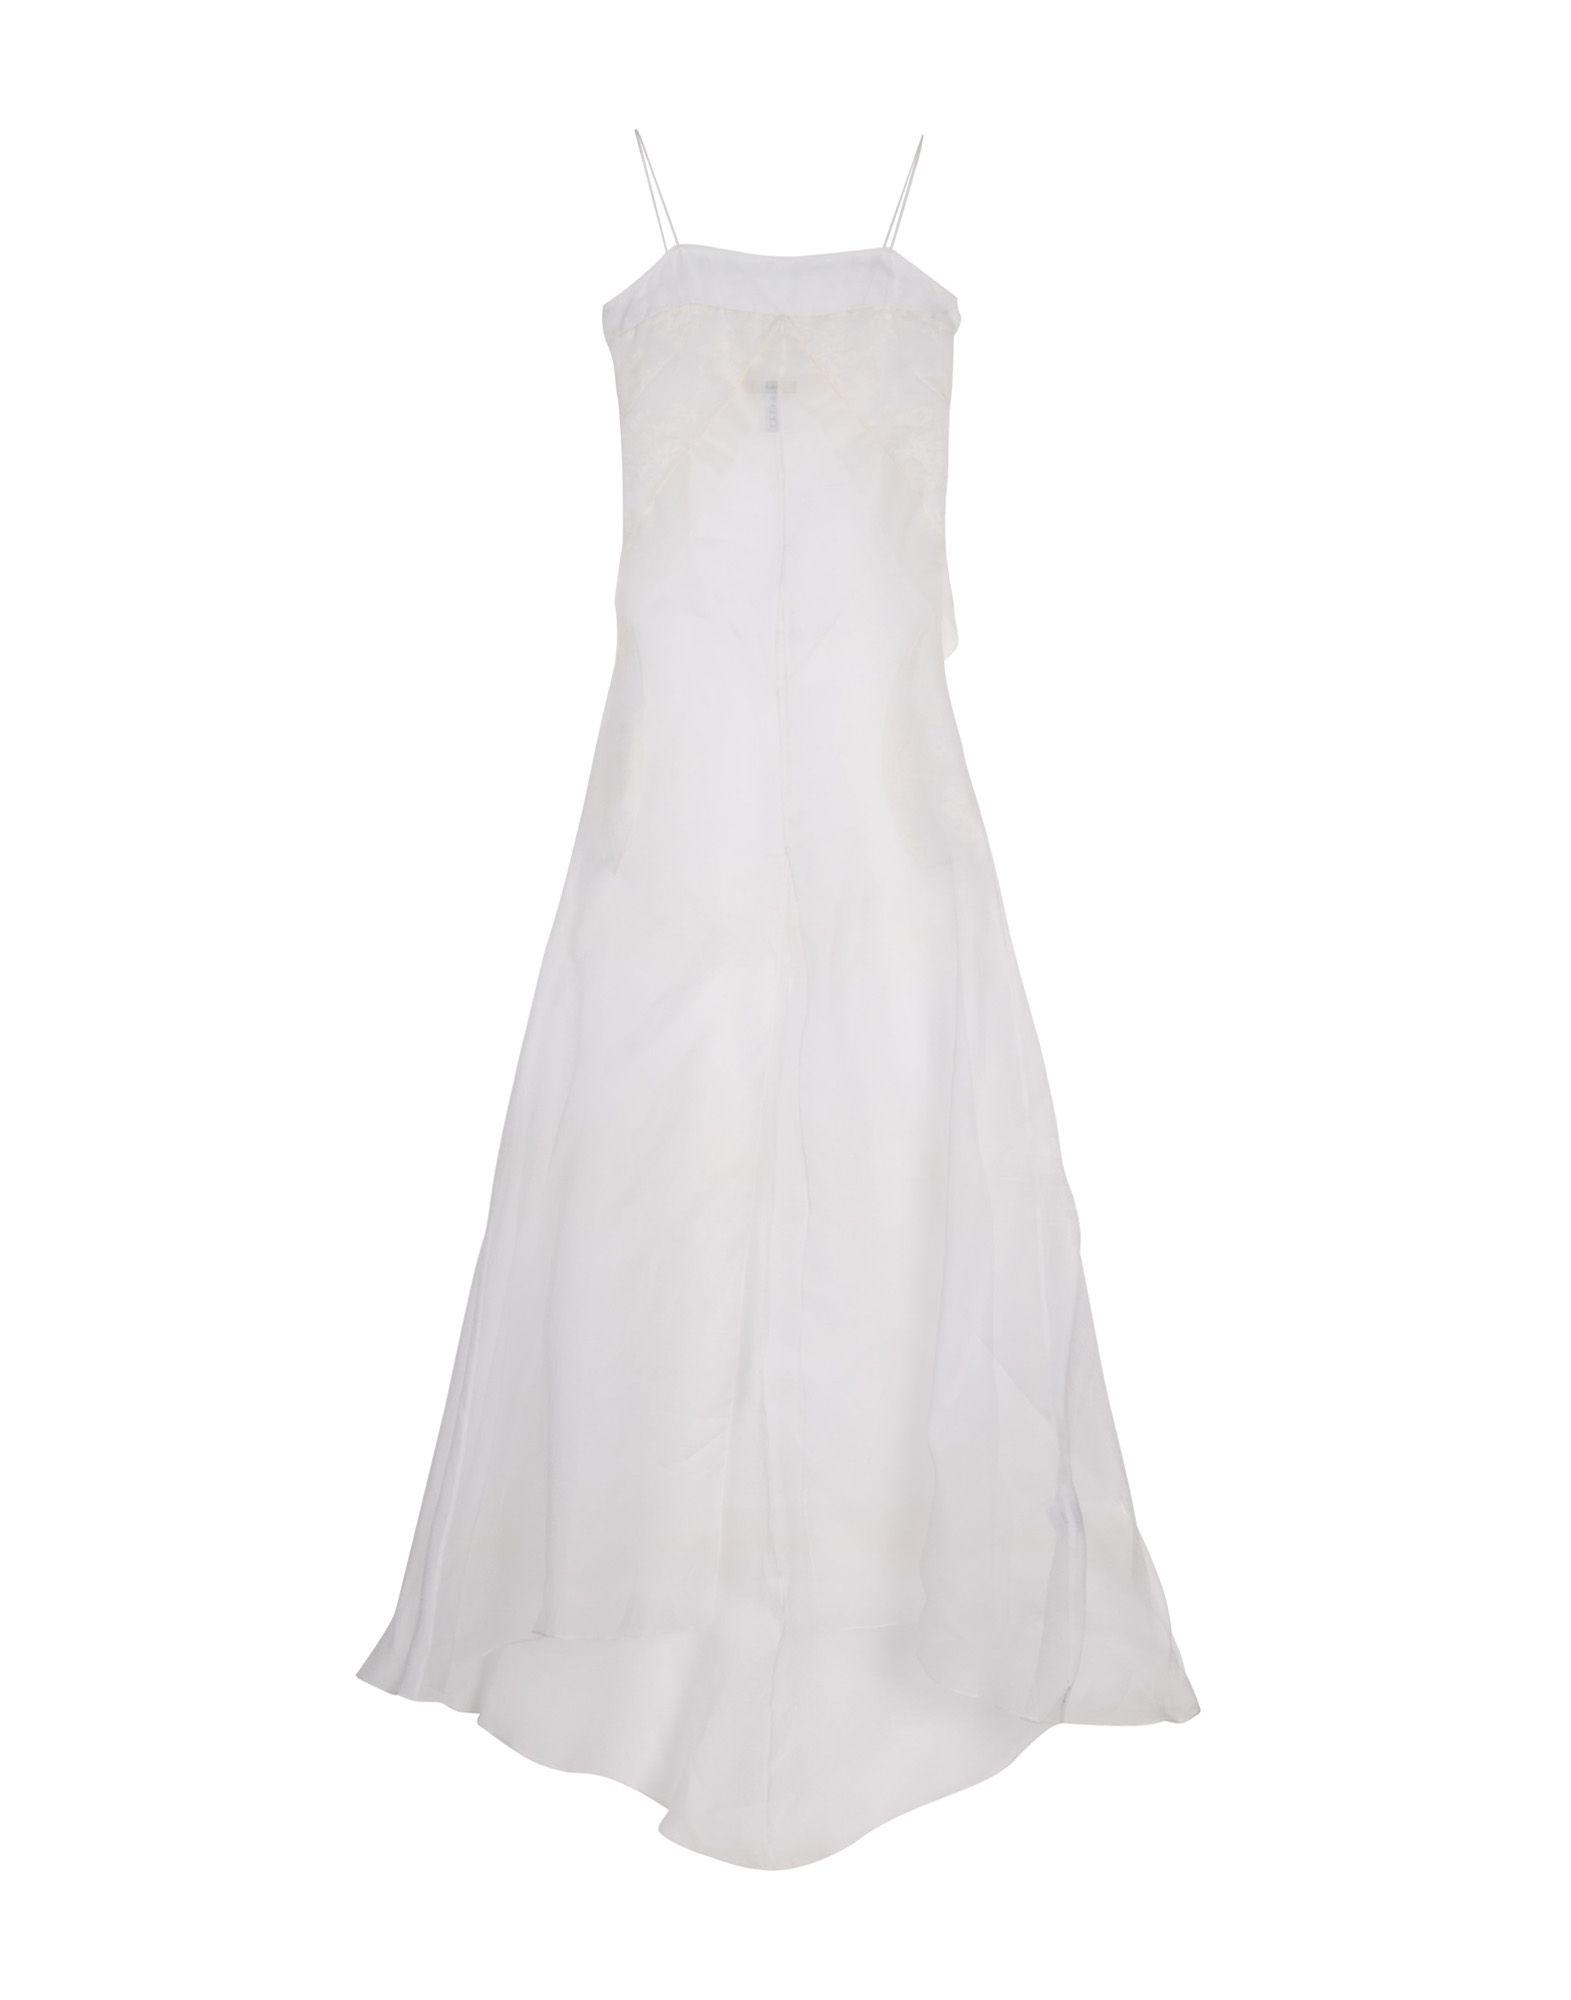 ERDEM Короткое платье erdem кружевное платье alex